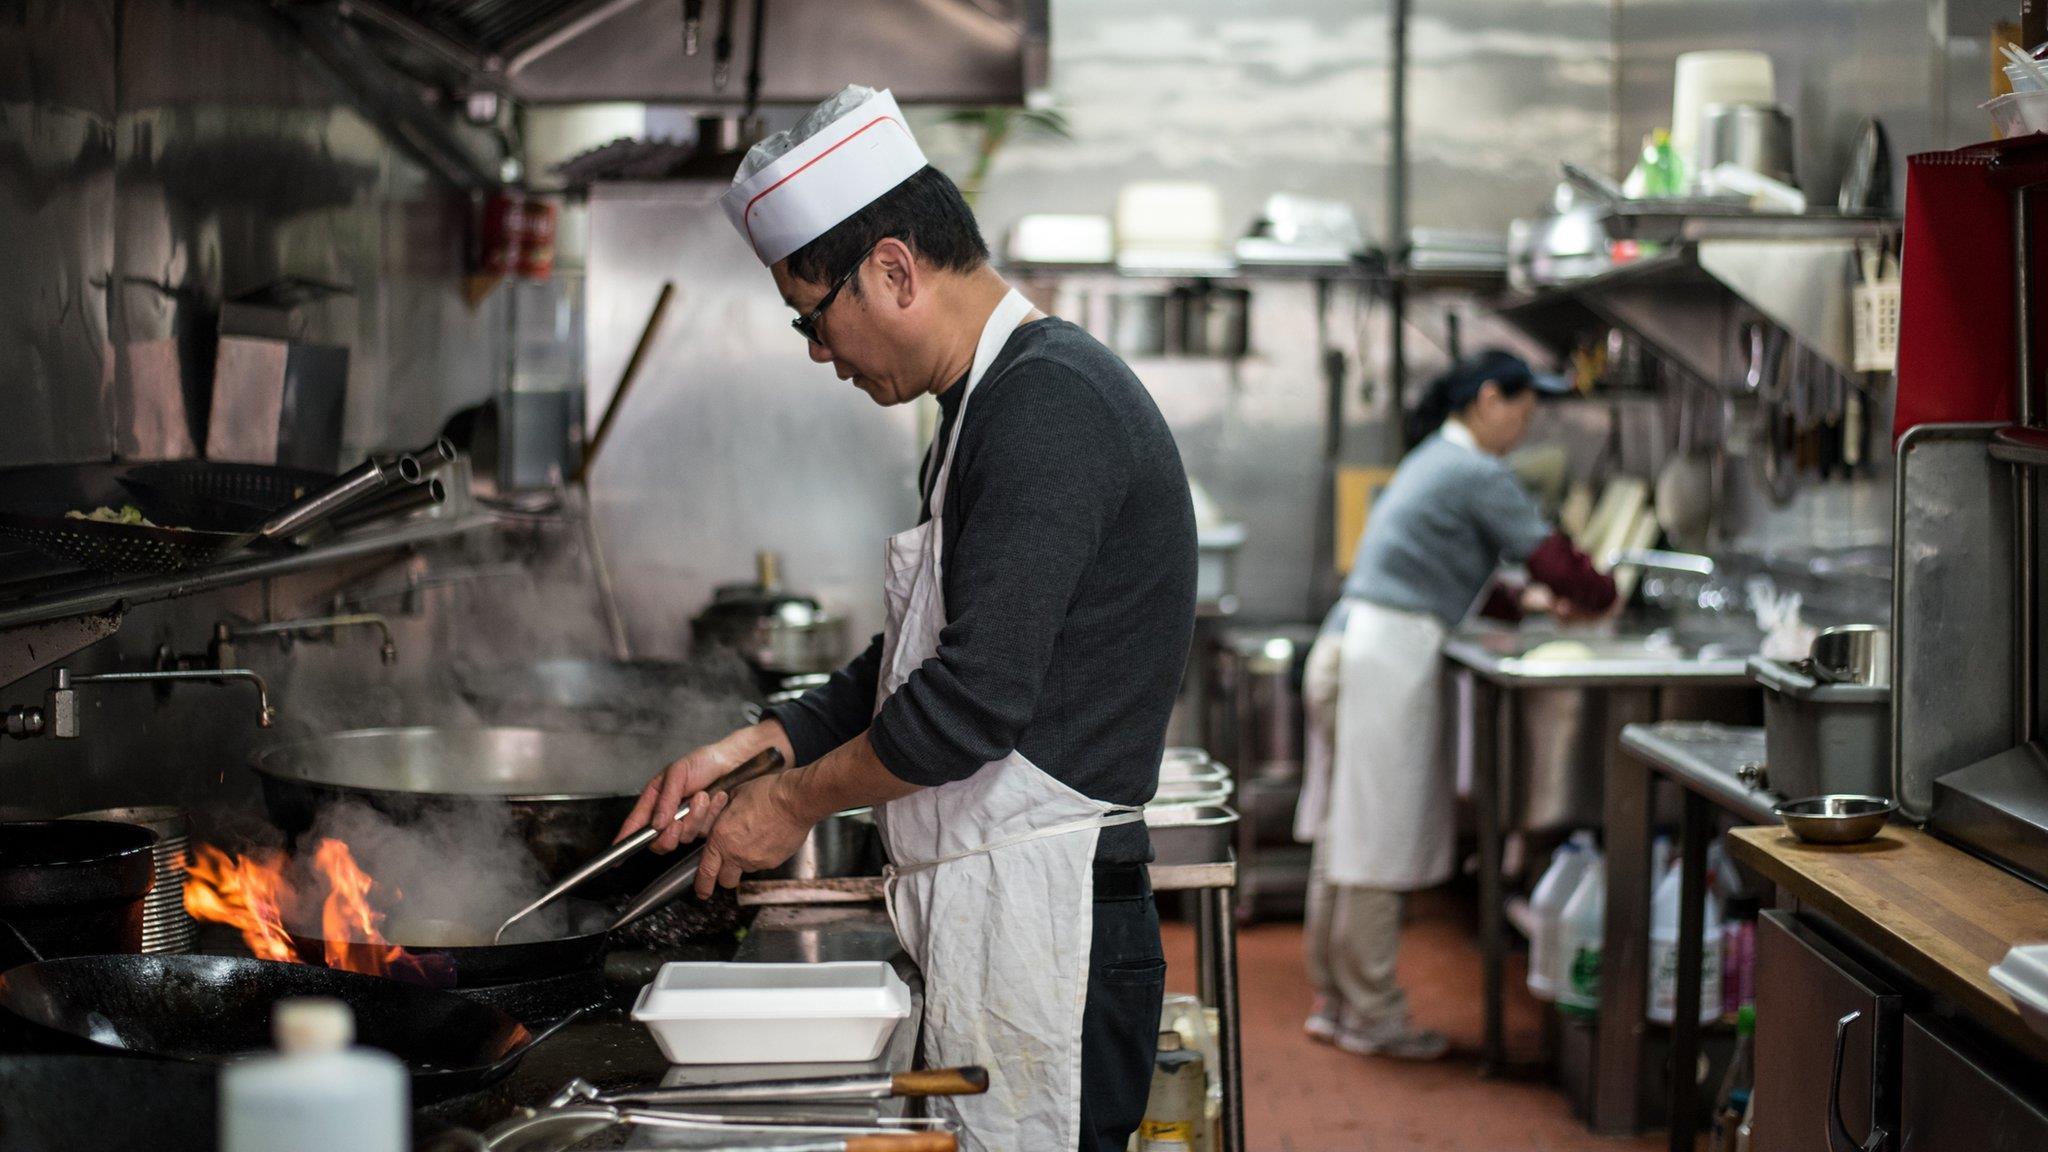 華裔攝影師鏡頭裏中餐館和懷揣「美國夢」的中國勞工